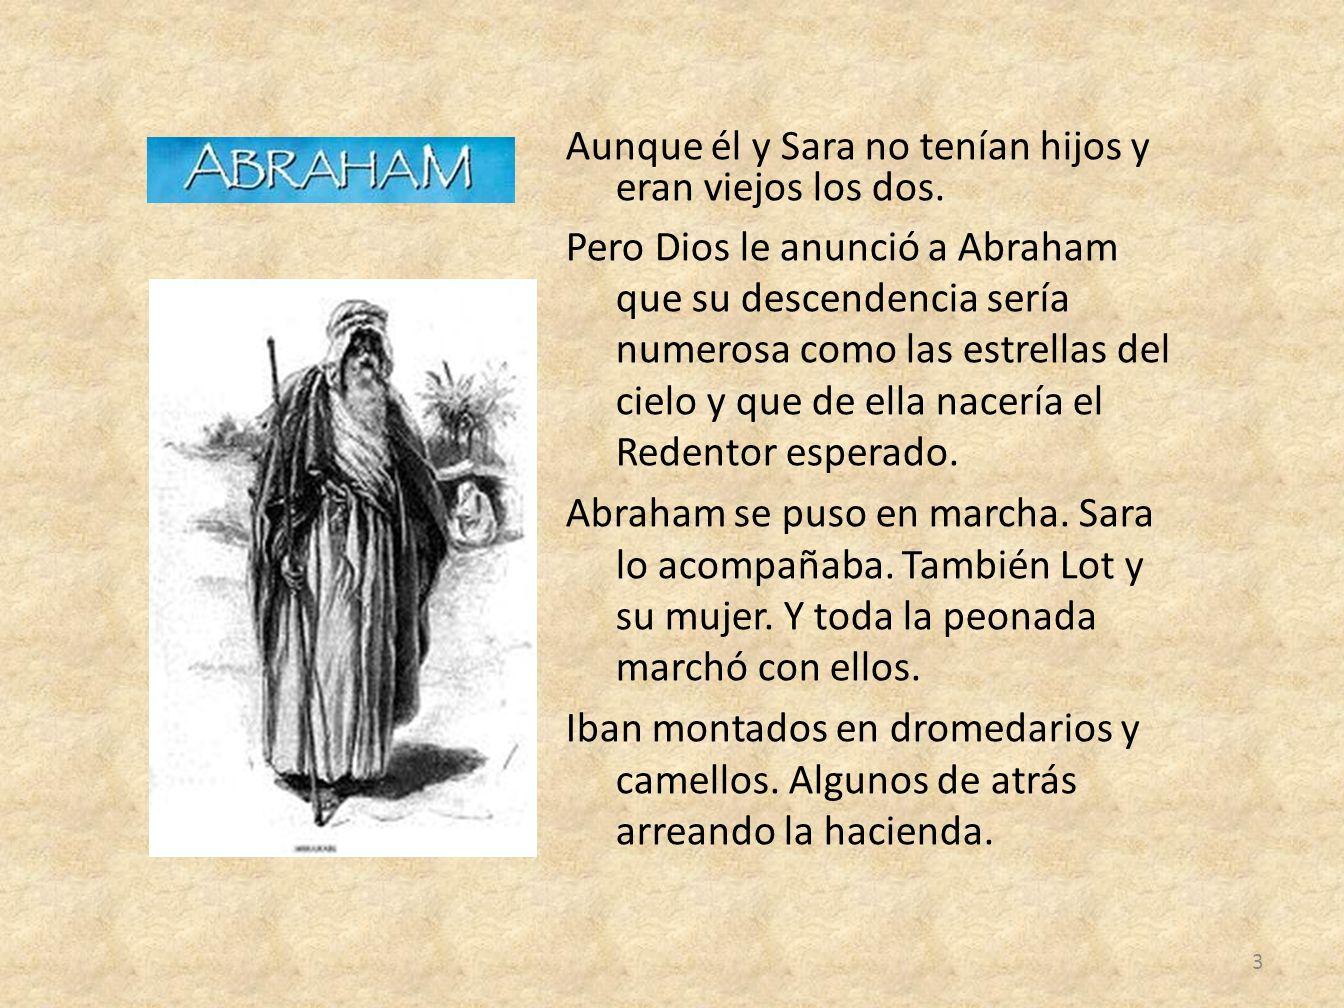 Aunque él y Sara no tenían hijos y eran viejos los dos. Pero Dios le anunció a Abraham que su descendencia sería numerosa como las estrellas del cielo